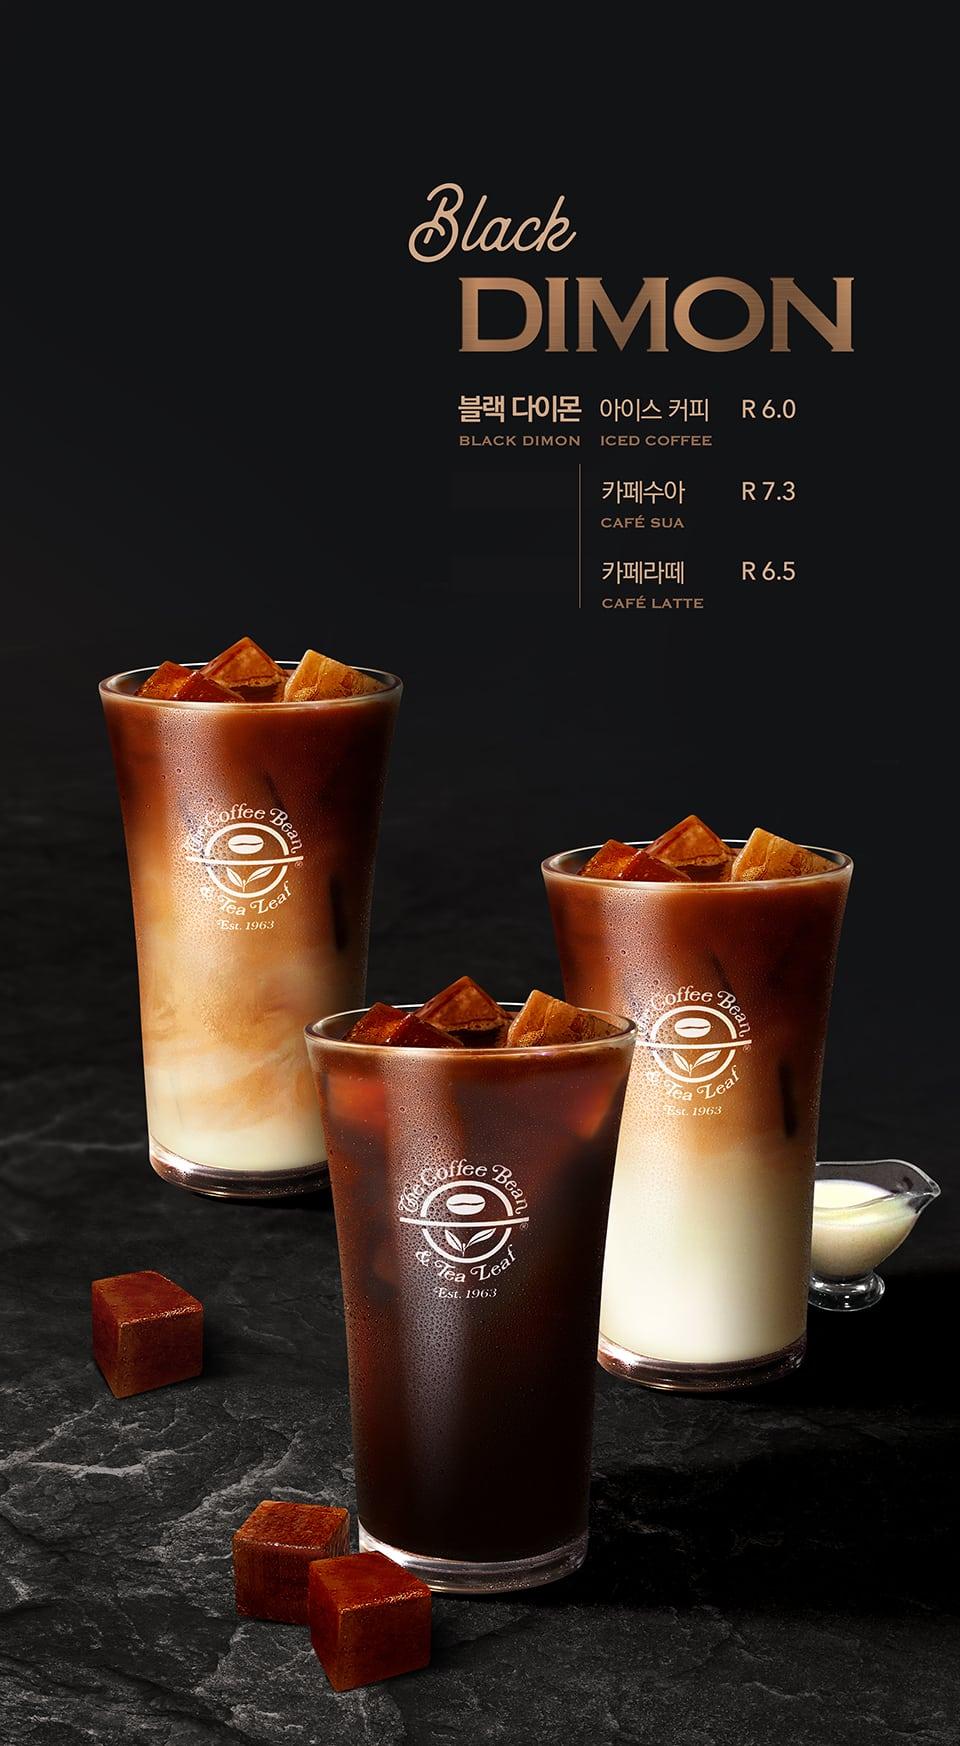 รูป coffee 02 - ประกอบเนื้อหา 10 ตัวอย่างเมนูเครื่องดื่ม แผ่นเดียว ดีไซน์สวย เหมาะสำหรับร้านกาแฟ คาเฟ่